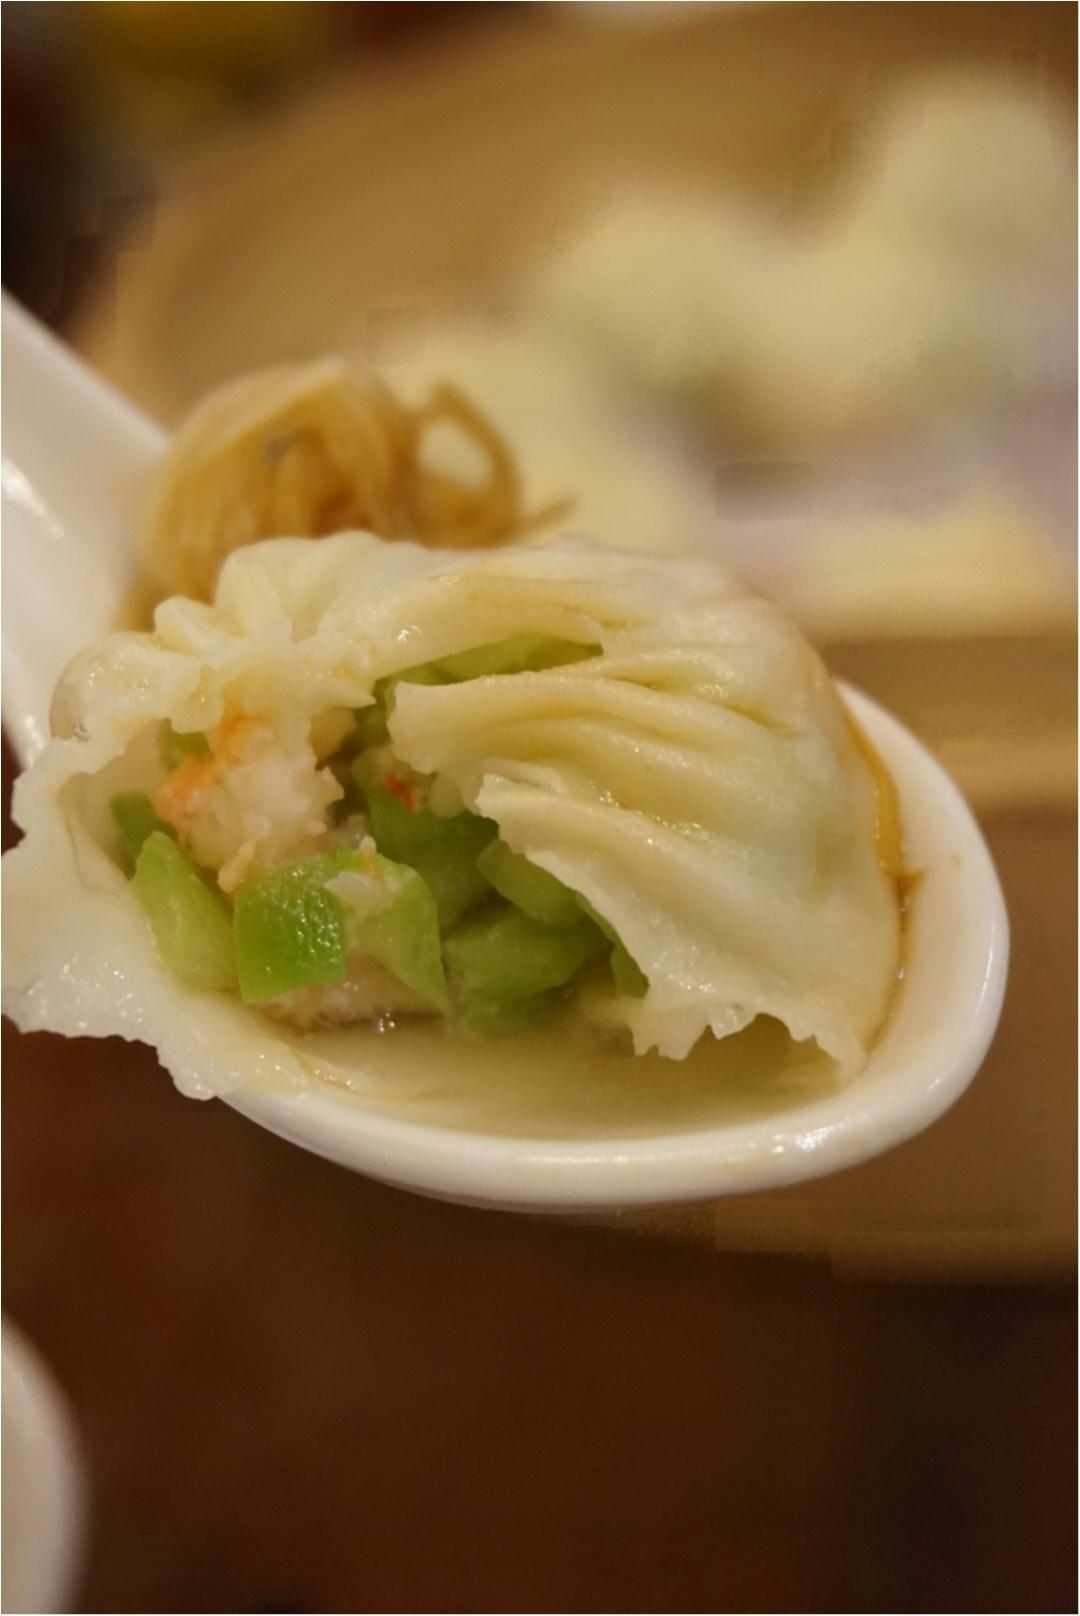 台湾のおしゃれなカフェ&食べ物特集 - 人気のタピオカや小籠包も! 台湾女子旅におすすめのグルメ情報まとめ_66